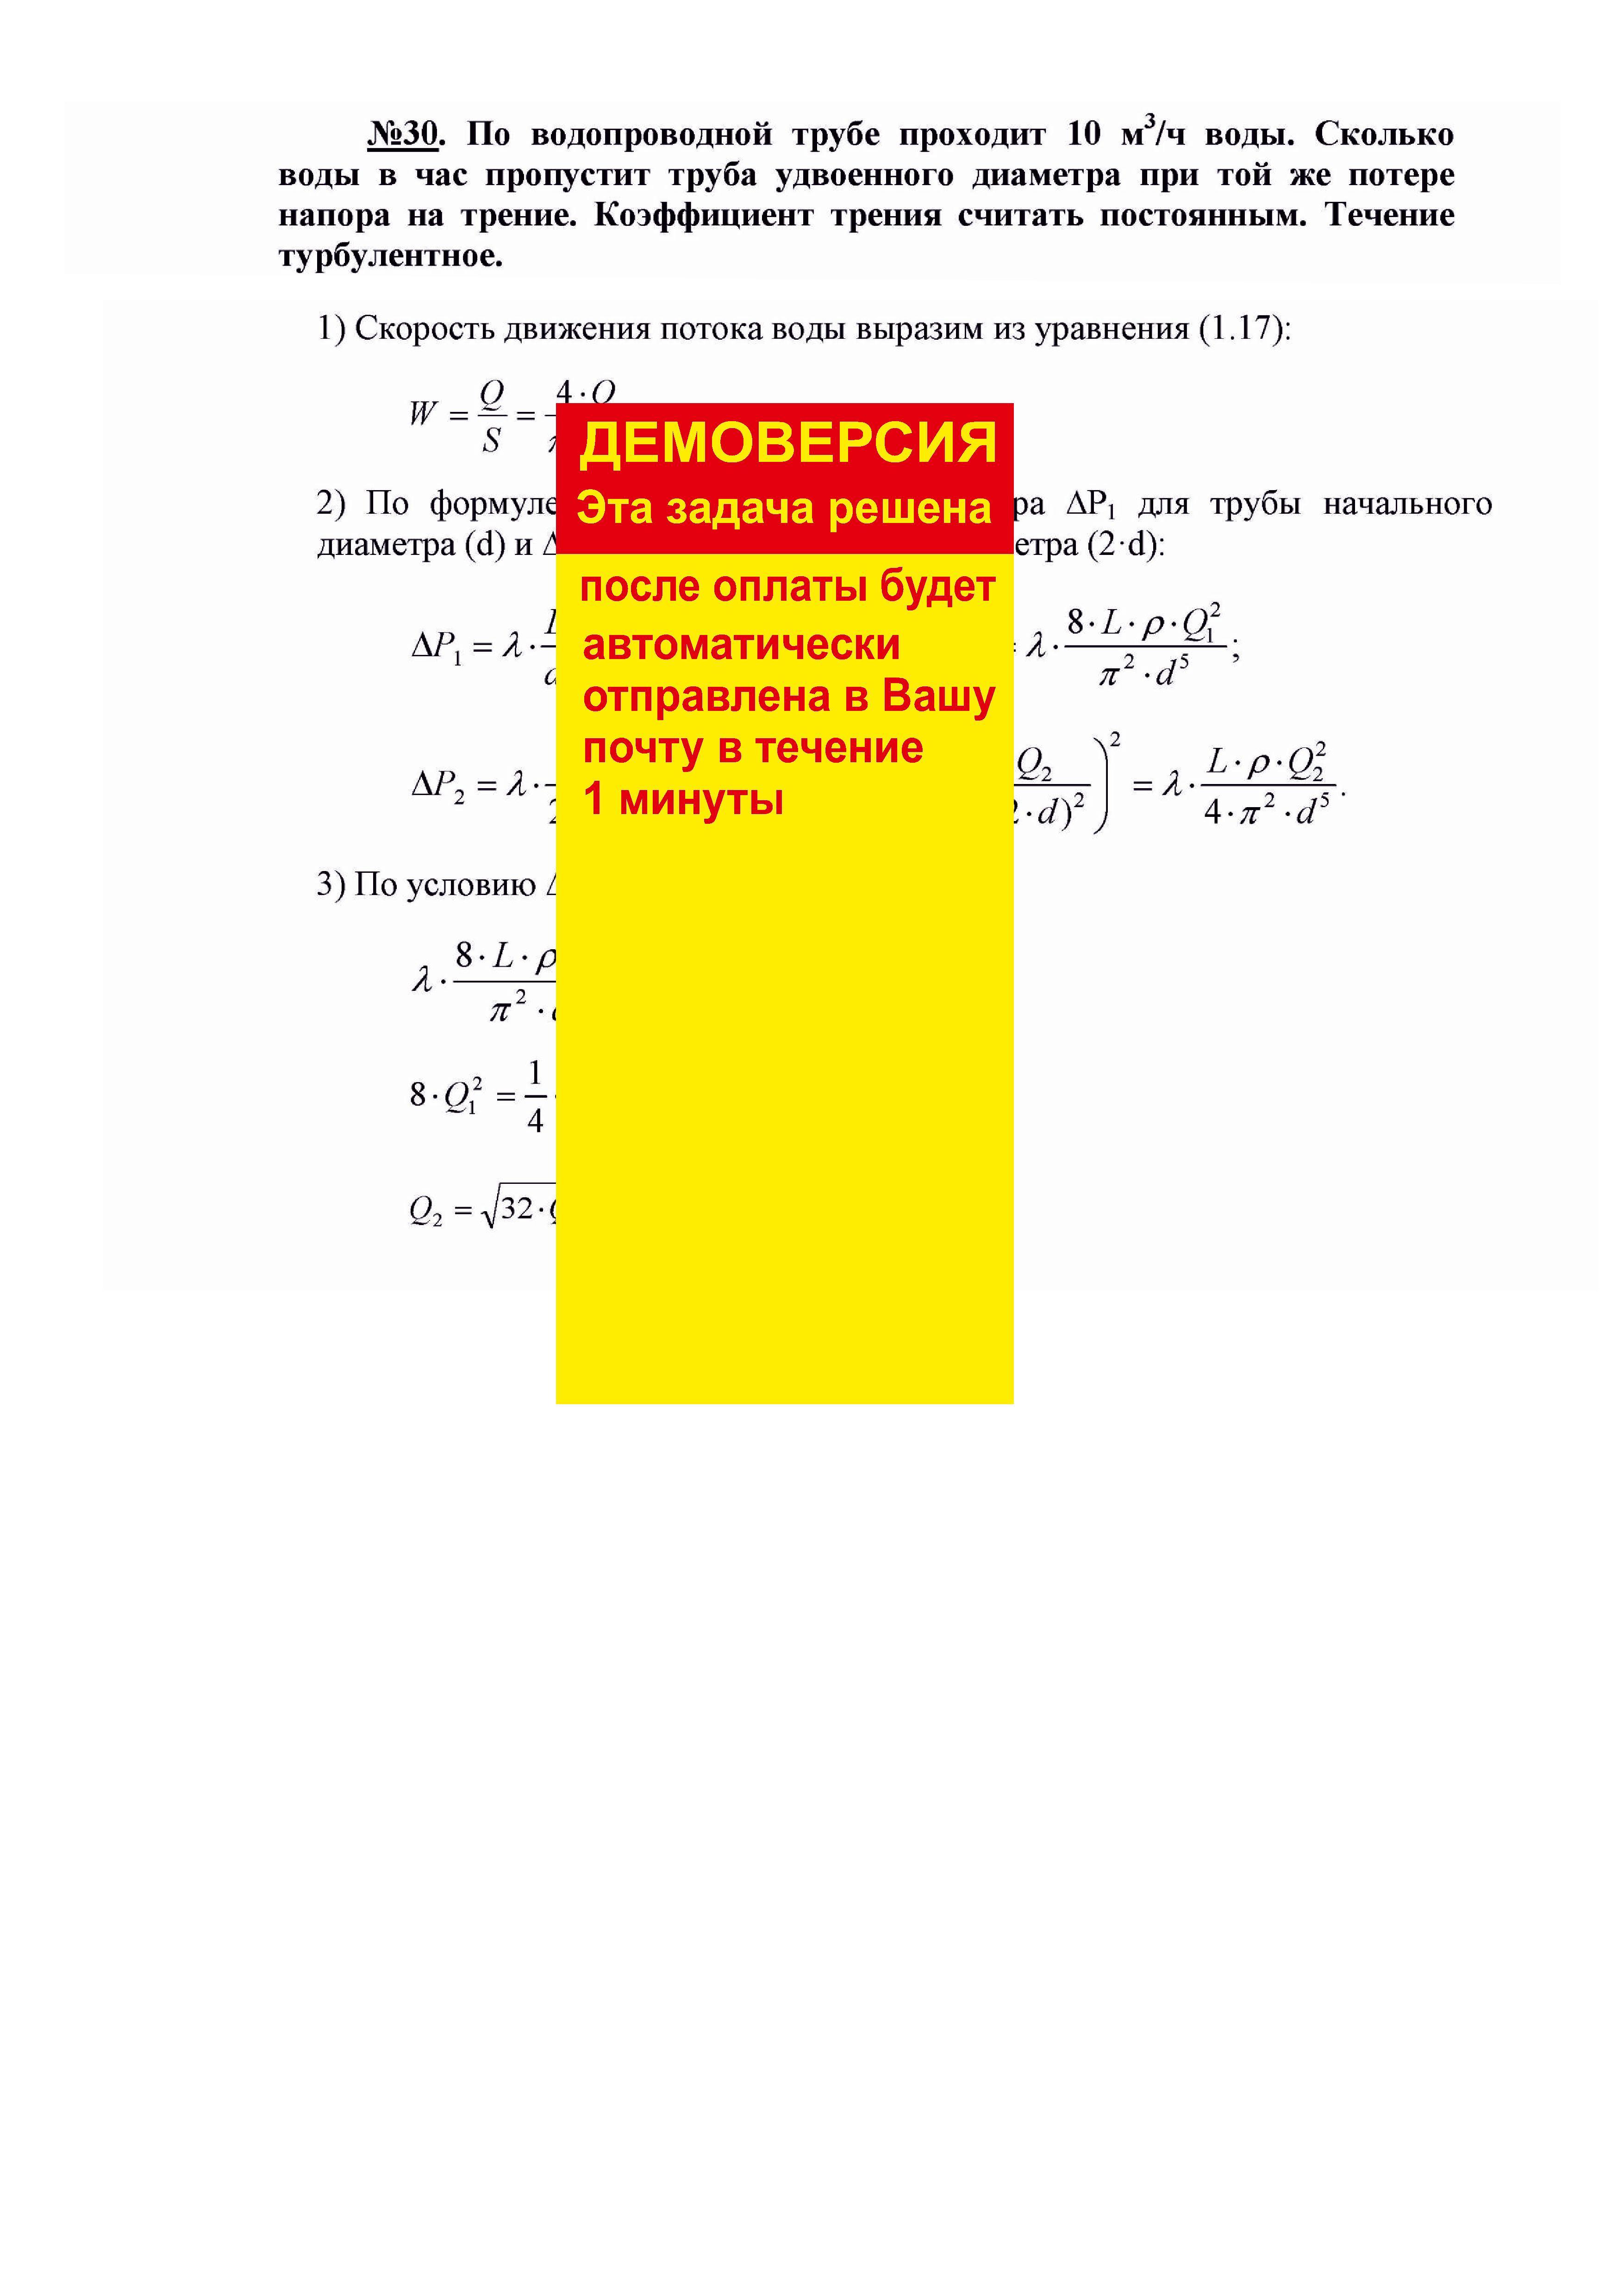 Решение задачи 1.30 по ПАХТ из задачника Павлова Романкова Носкова